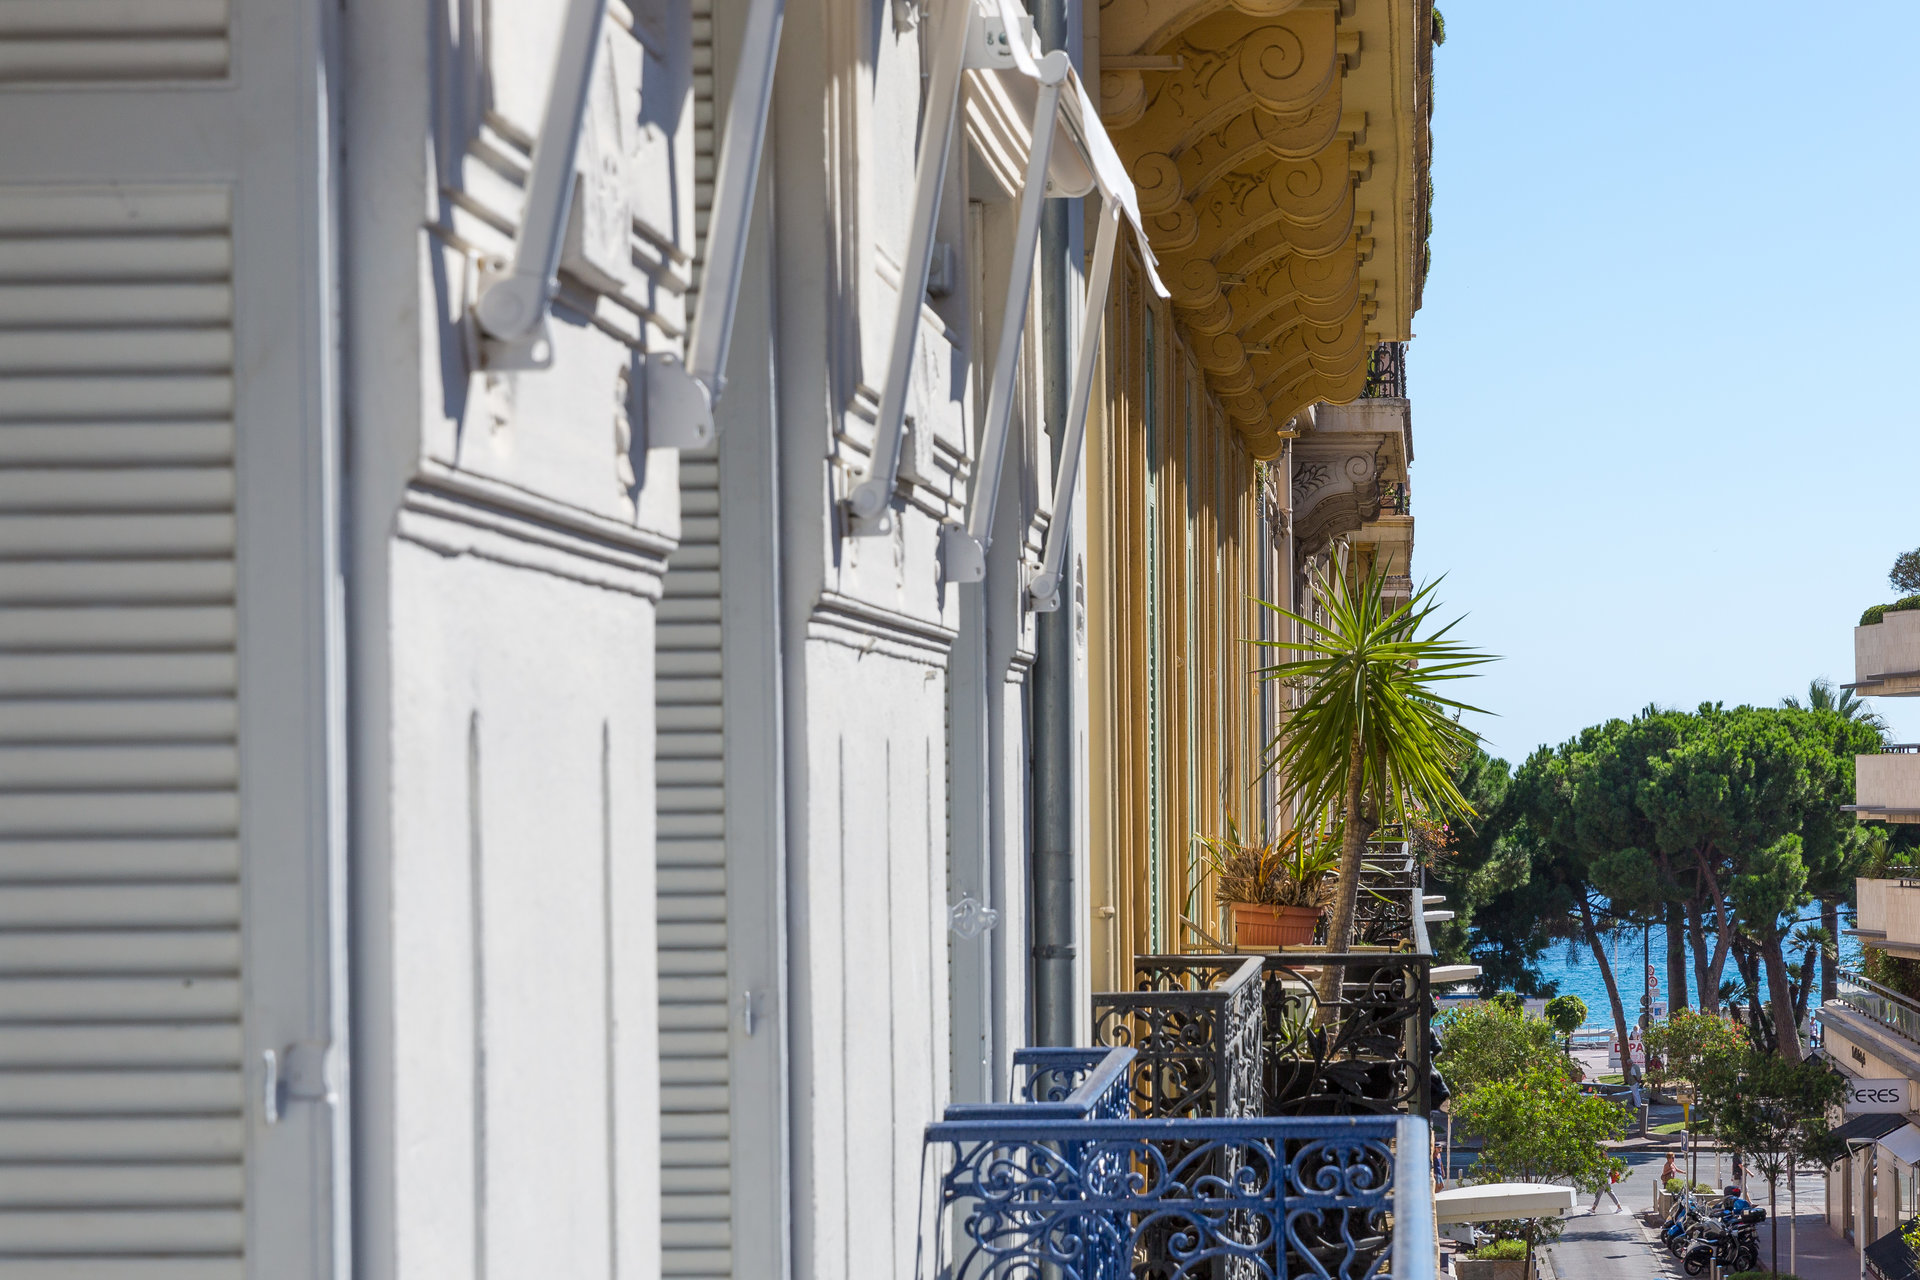 5:a i Centrum - Cannes